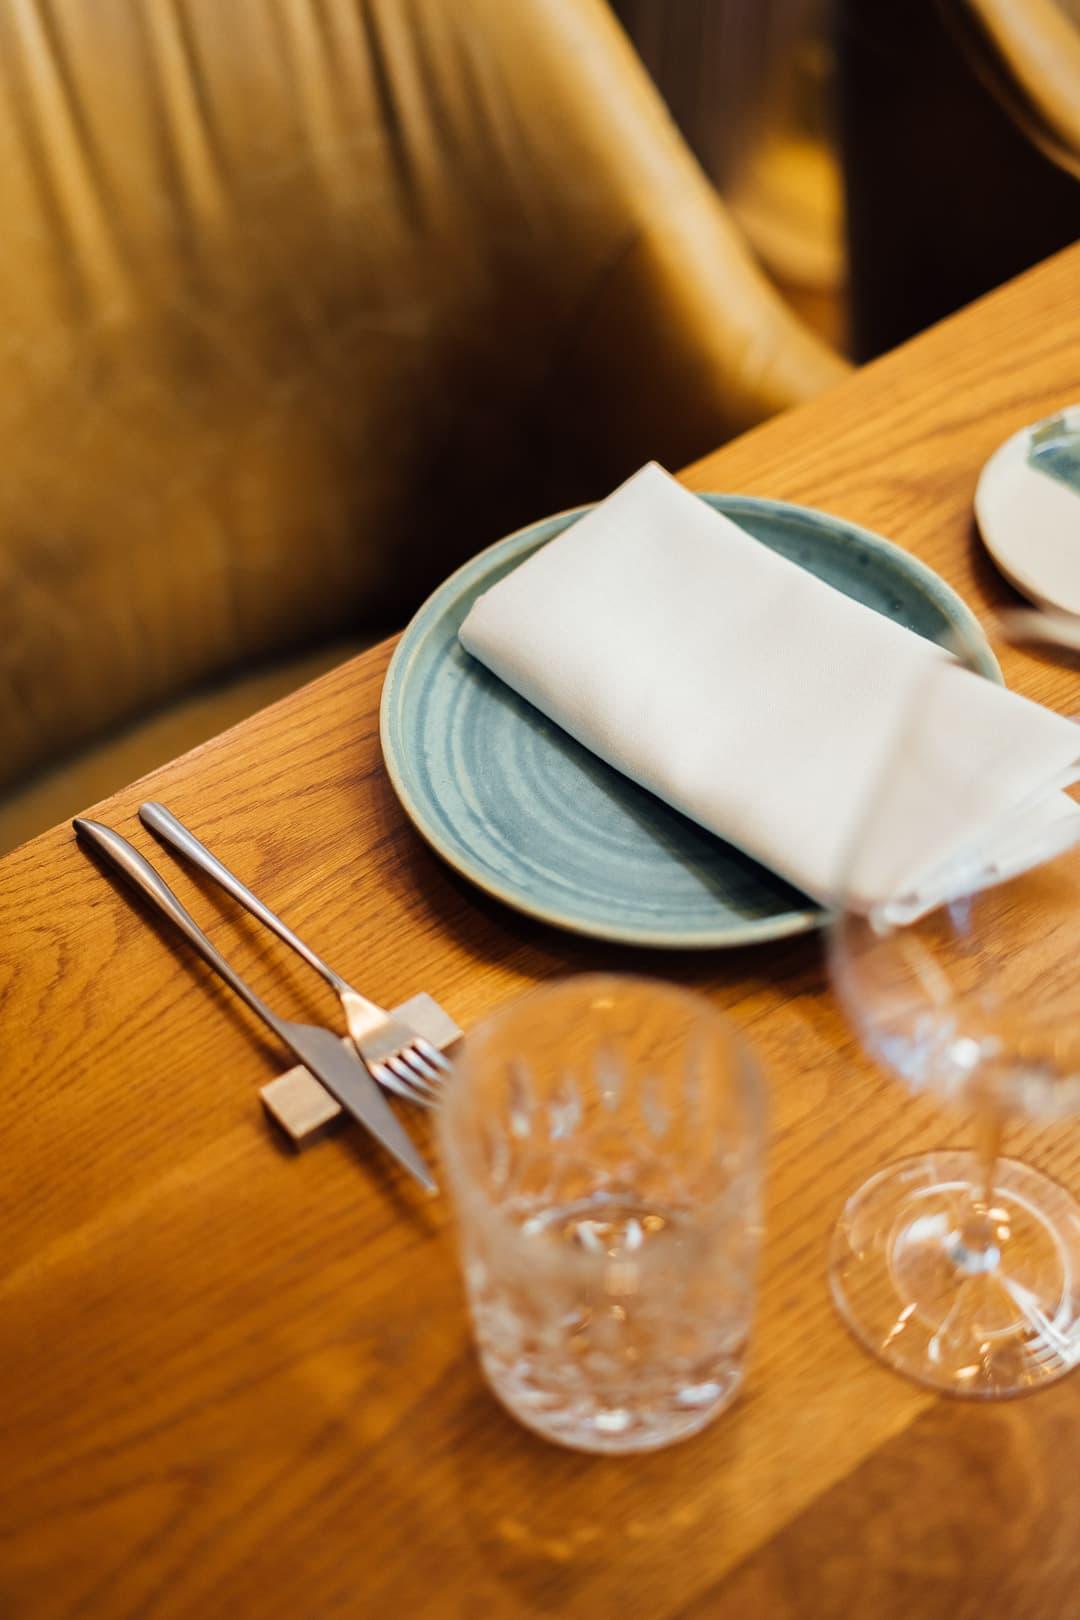 fotógrafo de restaurantes en Barcelona